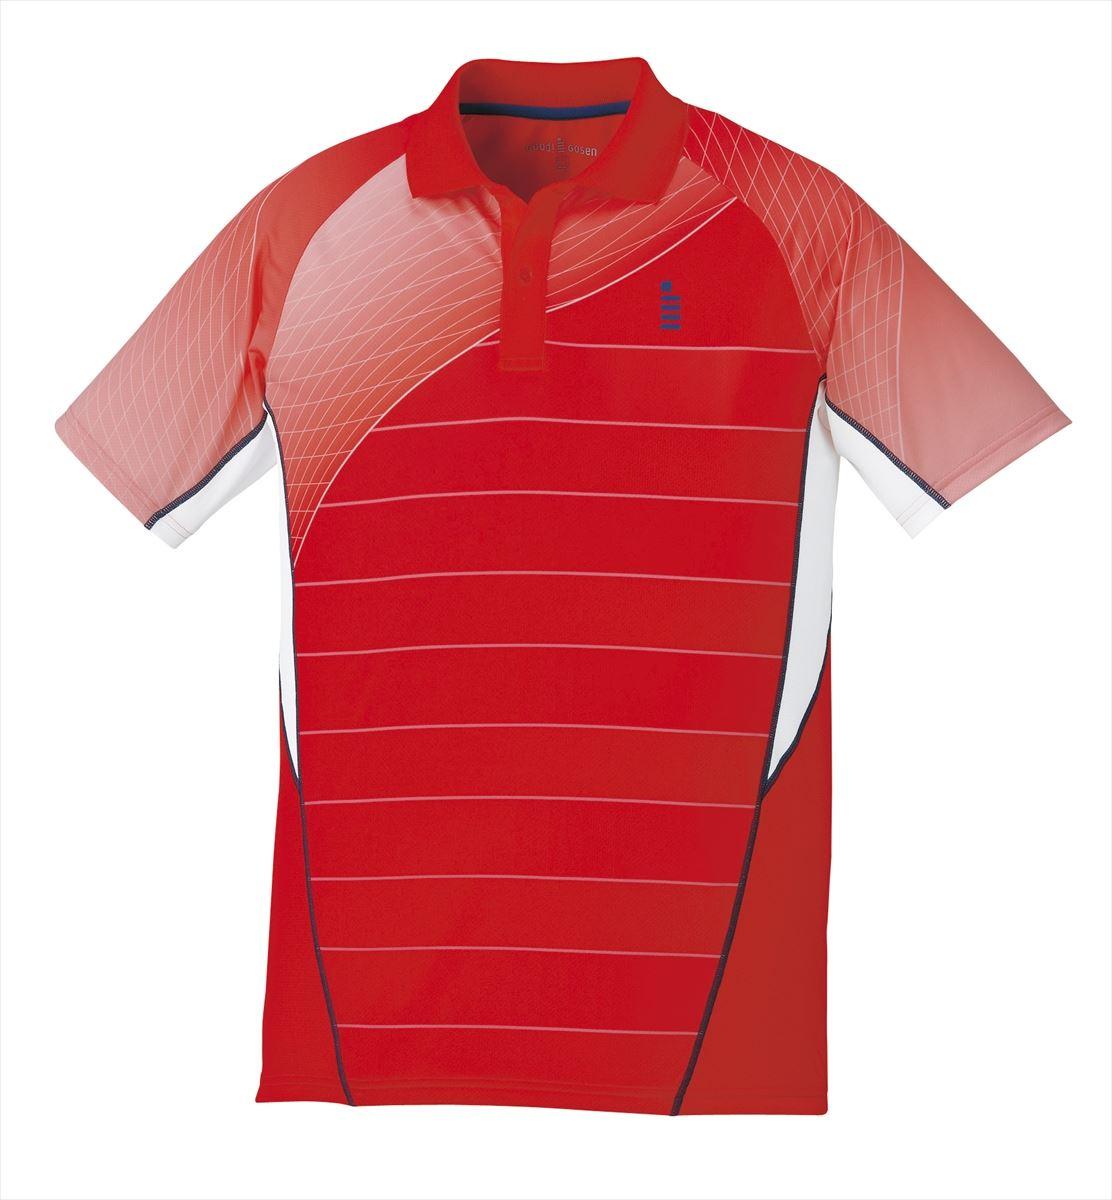 ゴーセン GOSEN T1700 テニス・バドミントン ウェア(メンズ/ユニ) ゲームシャツ レッド 17SS